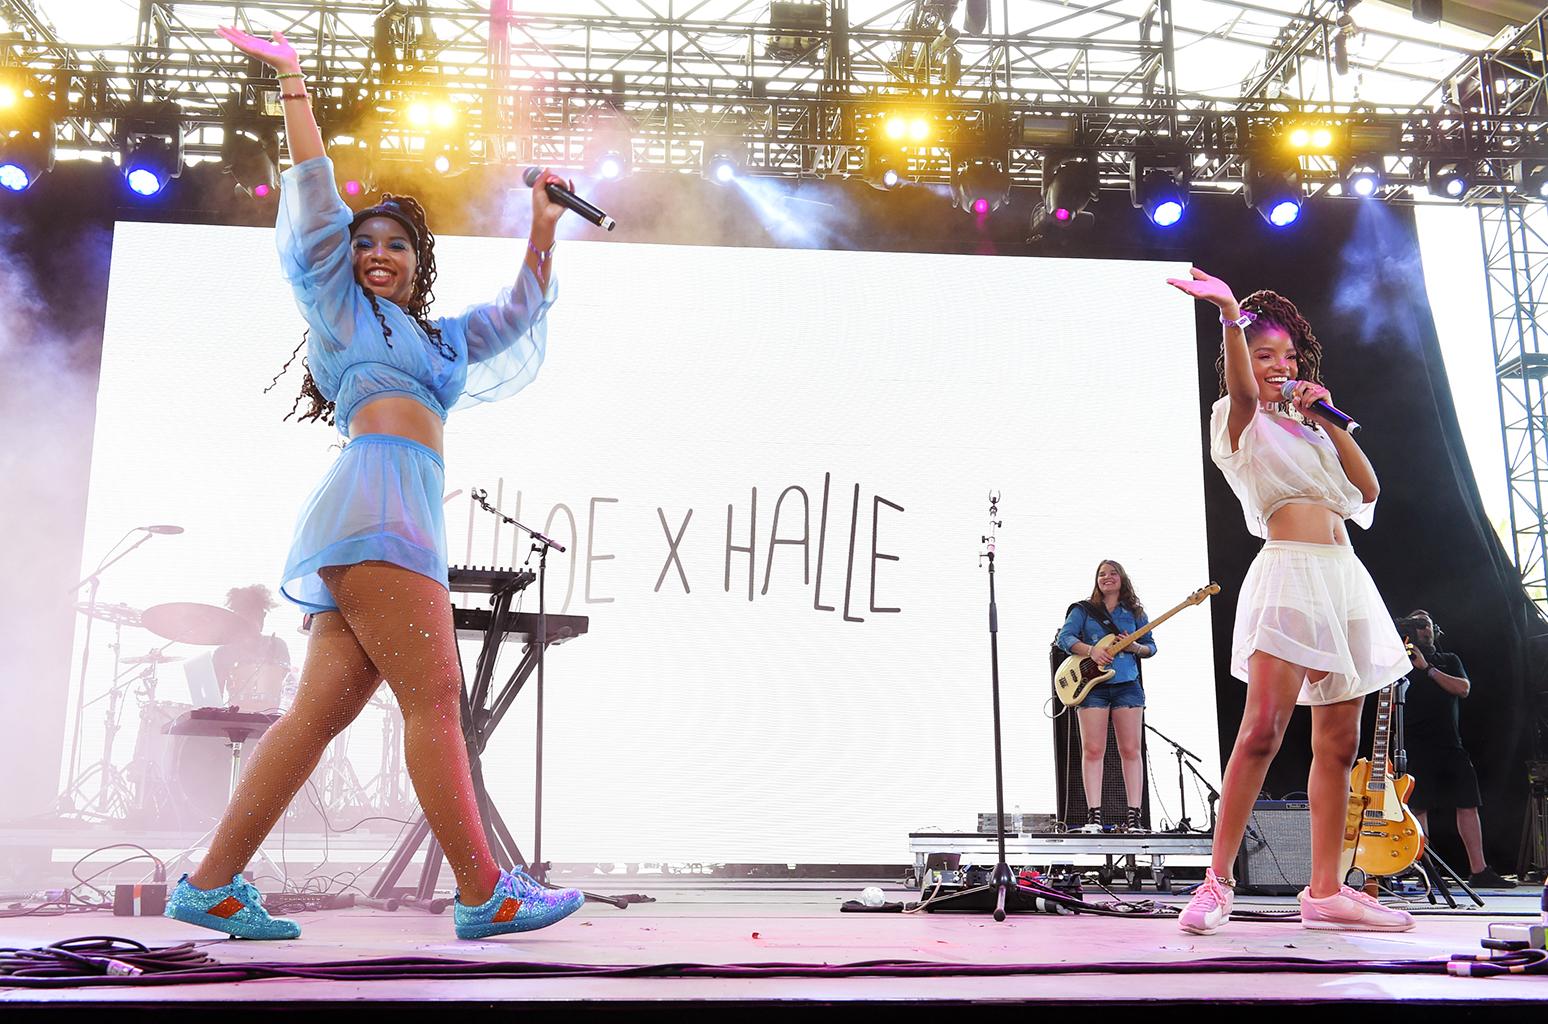 chloe-x-halle-live-coachella-2018-u-billboard-1548